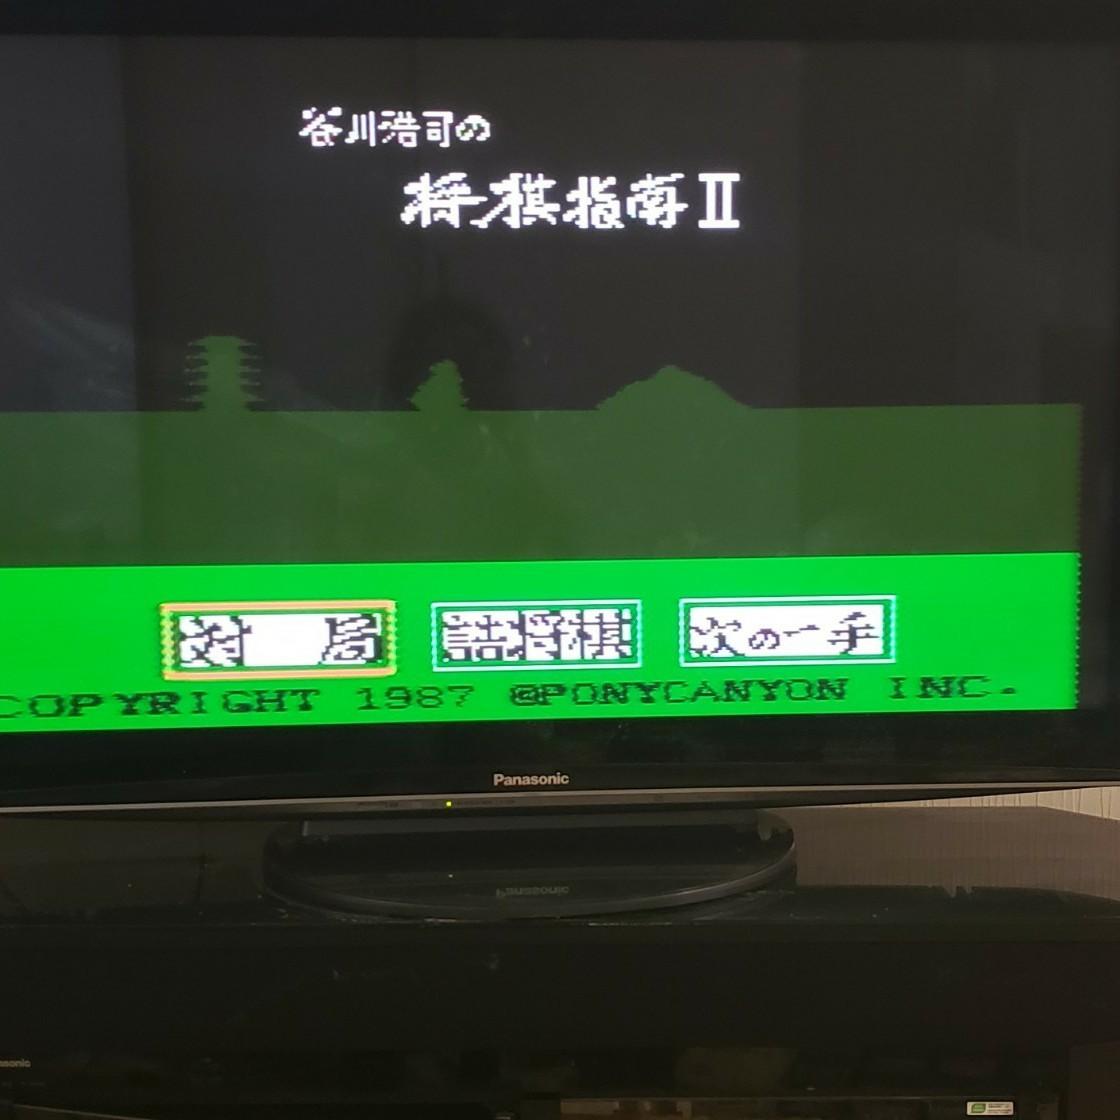 【動作確認済】ファミコン名作将棋ソフト5本セット! FC版